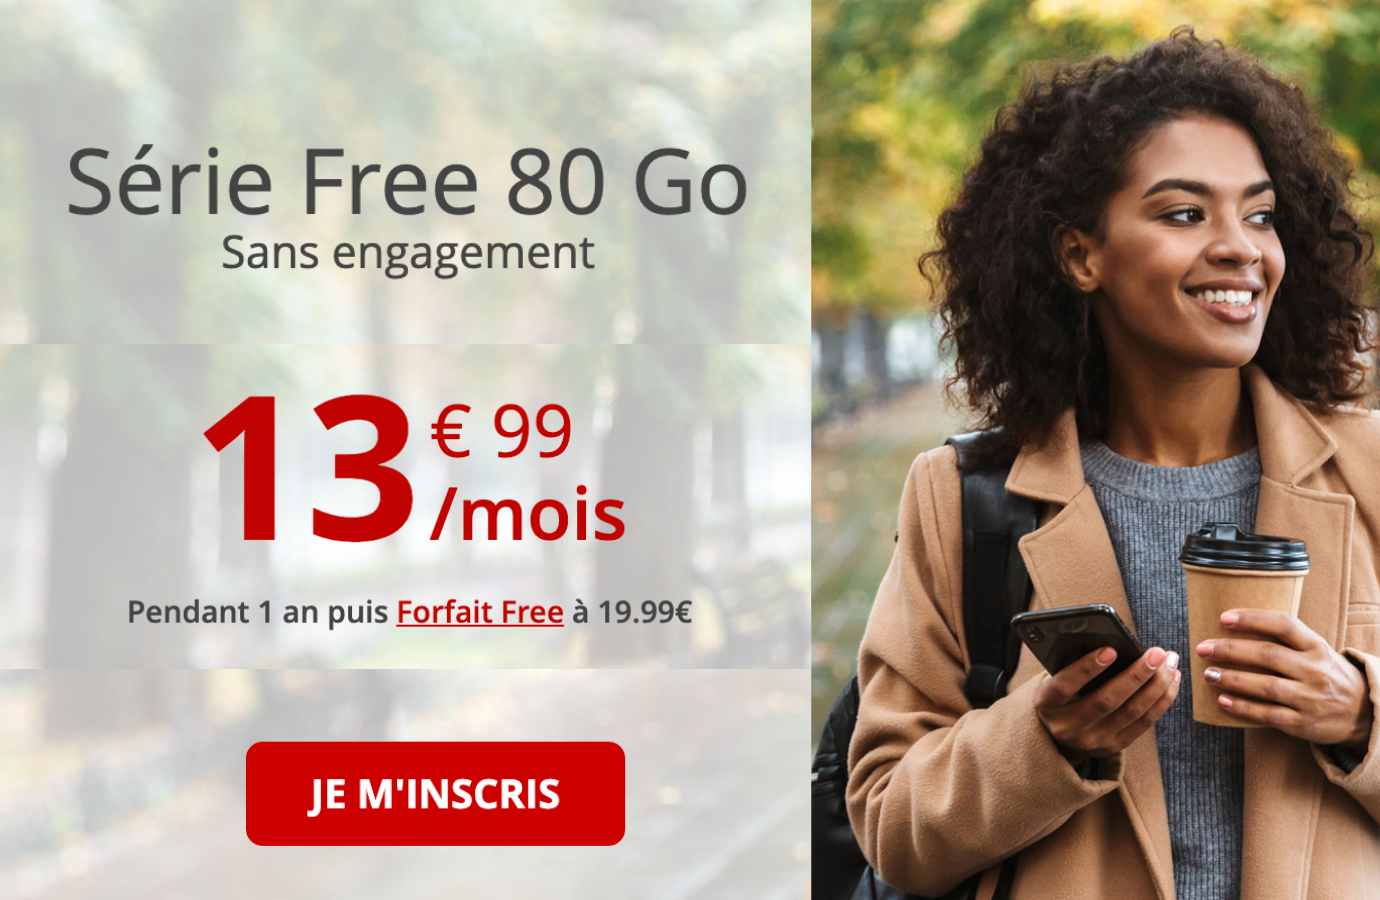 La série free 80 Go passe à 13,99€